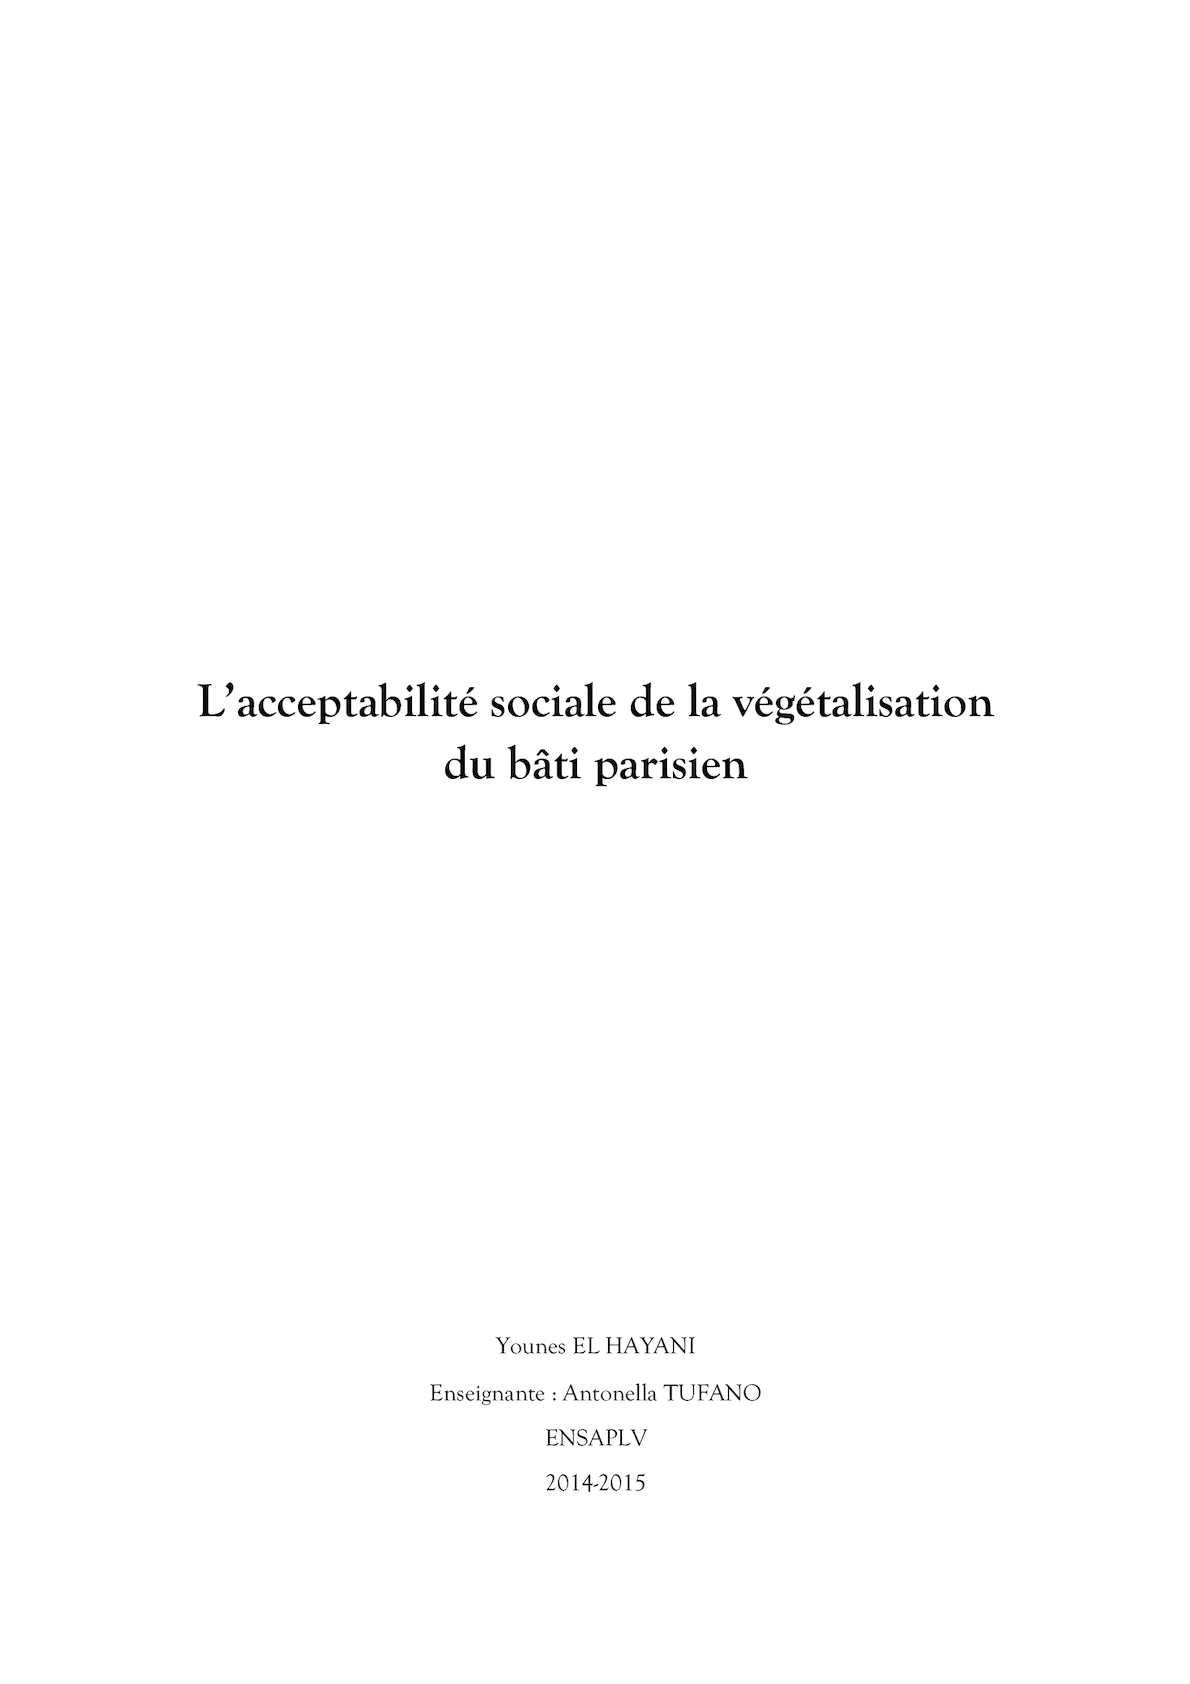 Mémoire - Acceptabilité Sociale De La Végétalisation Du Bâti Parisien - Younes El Hayani